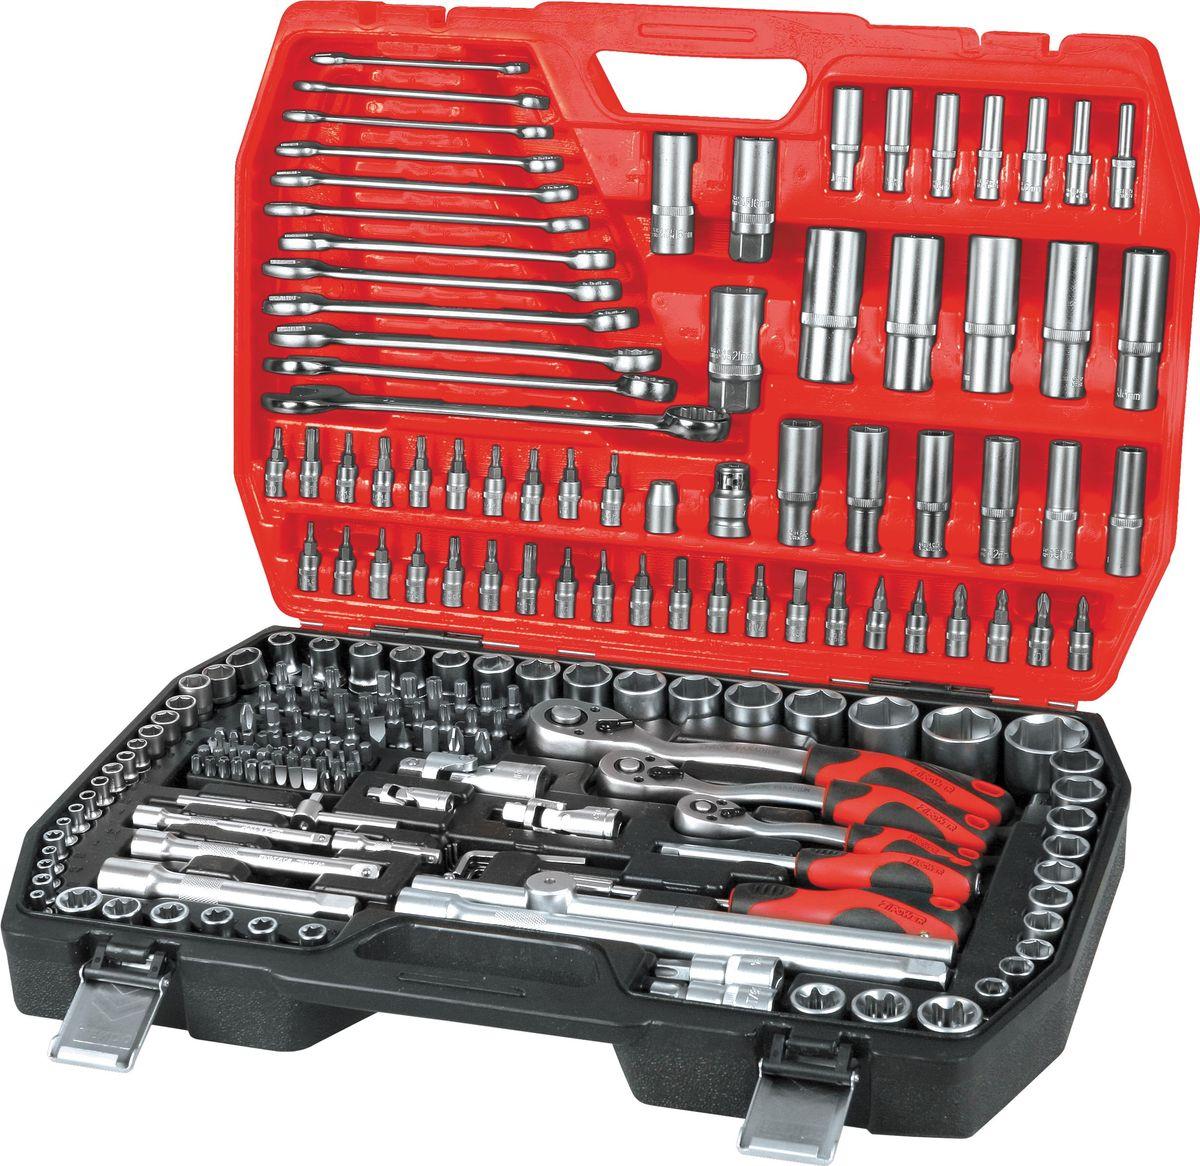 Набор инструментов Zipower, 216 предметовPM 4112Набор инструментов Zipower - достойный выбор для автомастерских, автомобилистов и любителей проводить свободное время, изучая свой автомобиль и устраняя неисправности. В комплекте: шестигранные торцевые головки, удлинители, отверточные биты, комбинированные гаечные ключи, угловые ключи, адаптер-переходник, трещотка с быстрым сбросом.Тщательно подобранный ассортимент инструмента удовлетворит запросы и начинающего автовладельца, и профессионального механика. Применение специальной технологии закалки и термической обработки хромованадиевой стали гарантирует высокую прочность инструмента, его износоустойчивость при интенсивном использовании. Двухкомпонентные рукоятки обеспечивают комфорт во время выполнения работ.Количество предметов: 216 шт. Материал инструмента: Cr-V.